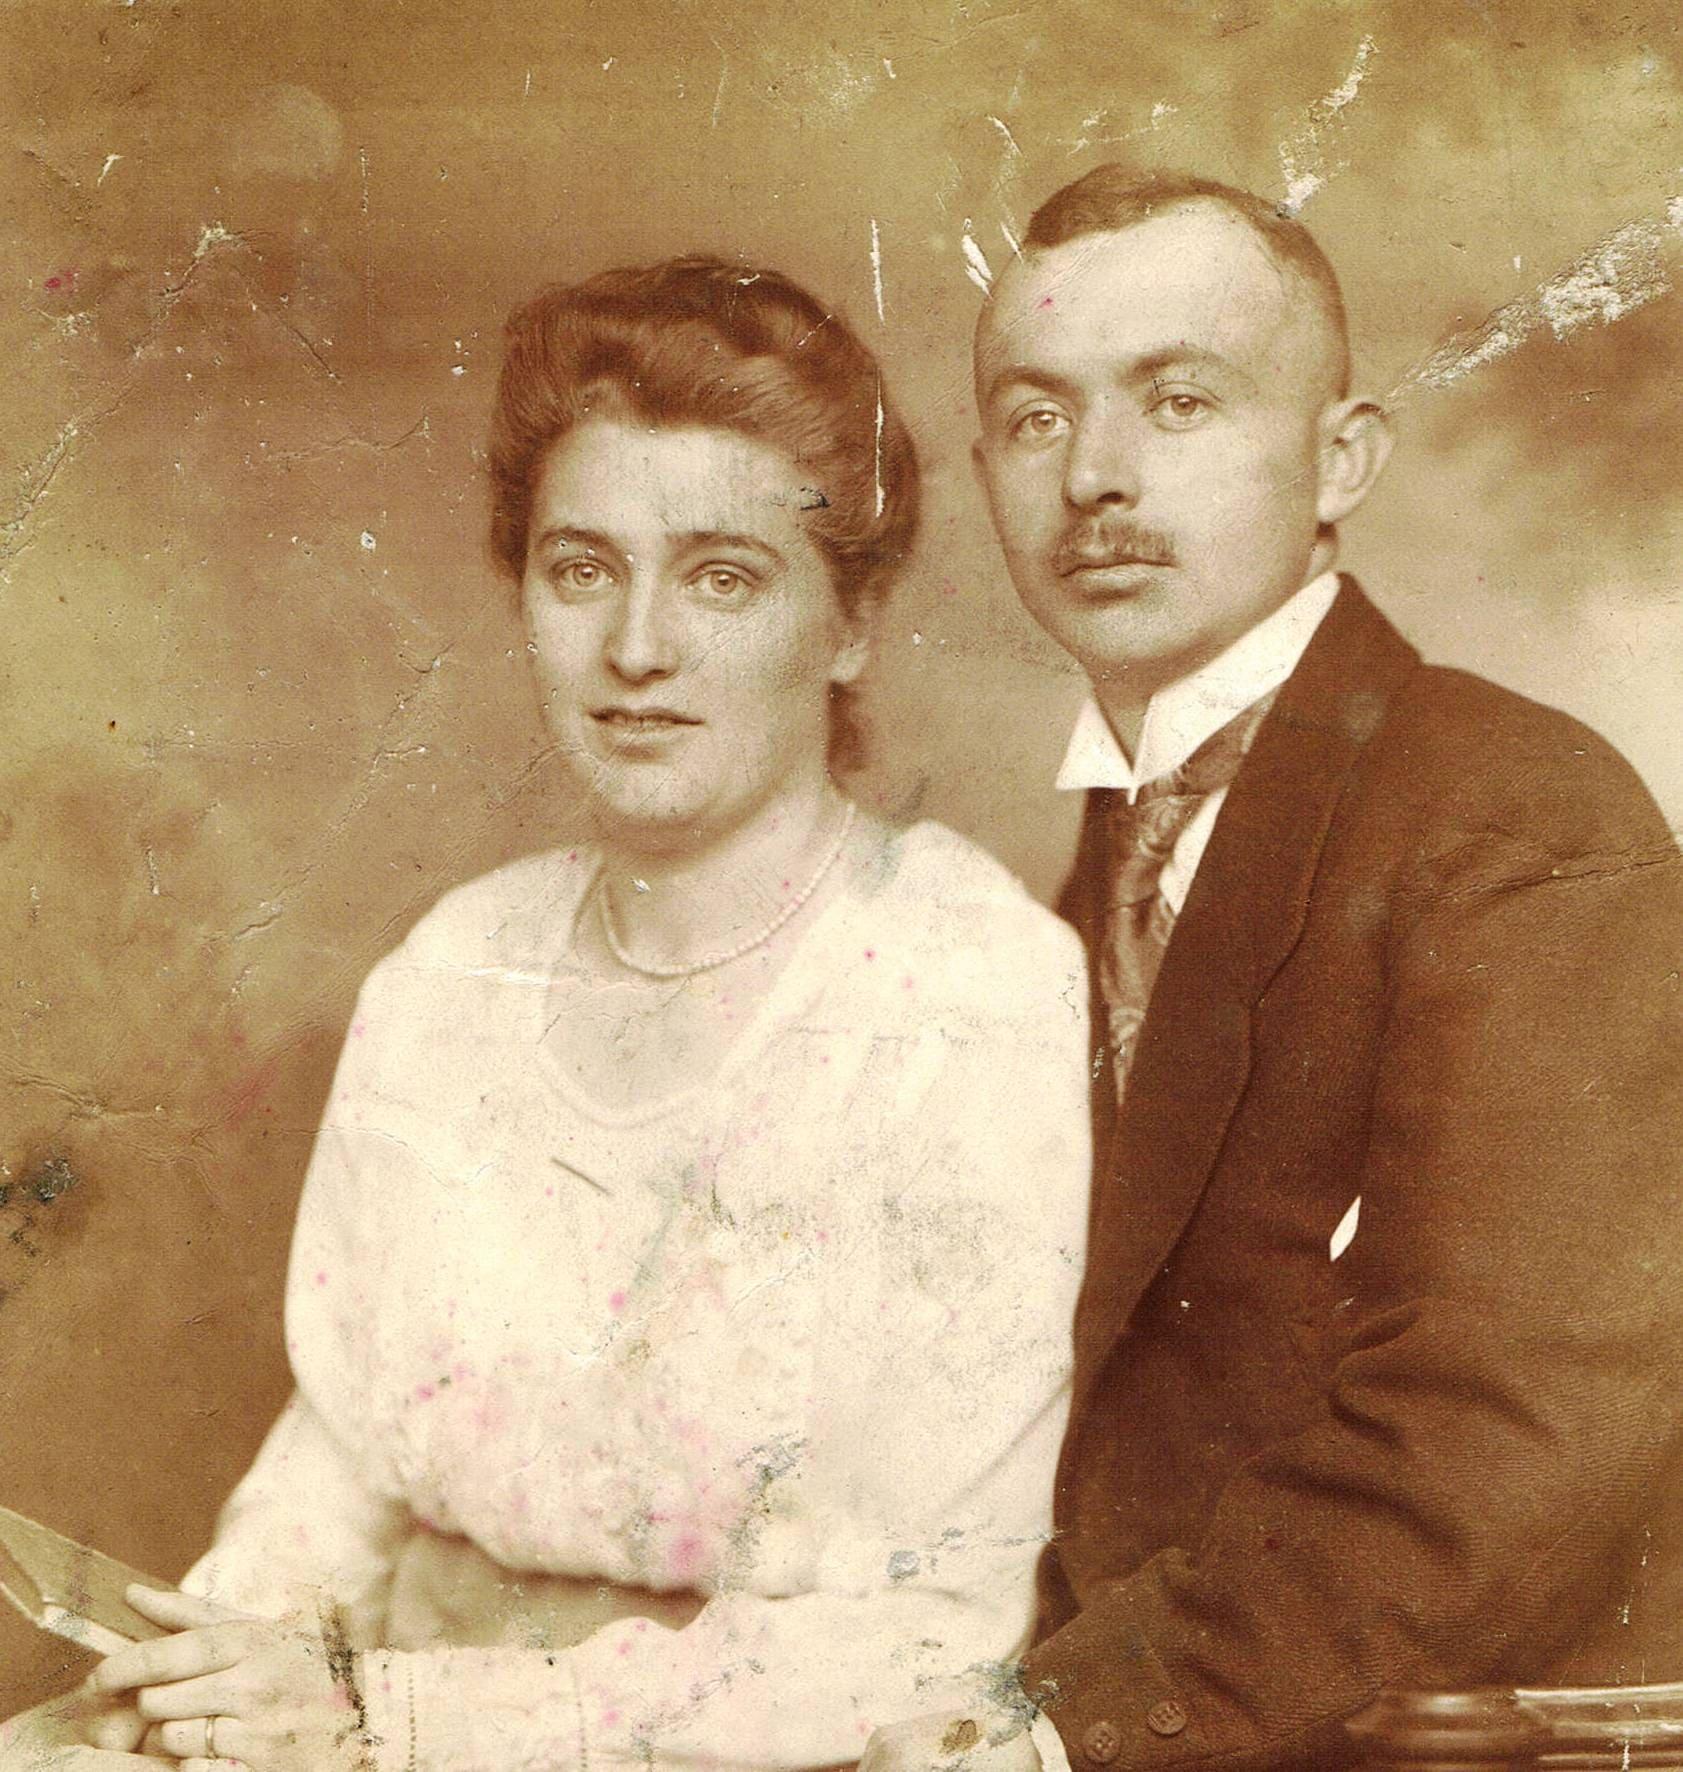 Paul & Hedwig Wiegandt - 1920